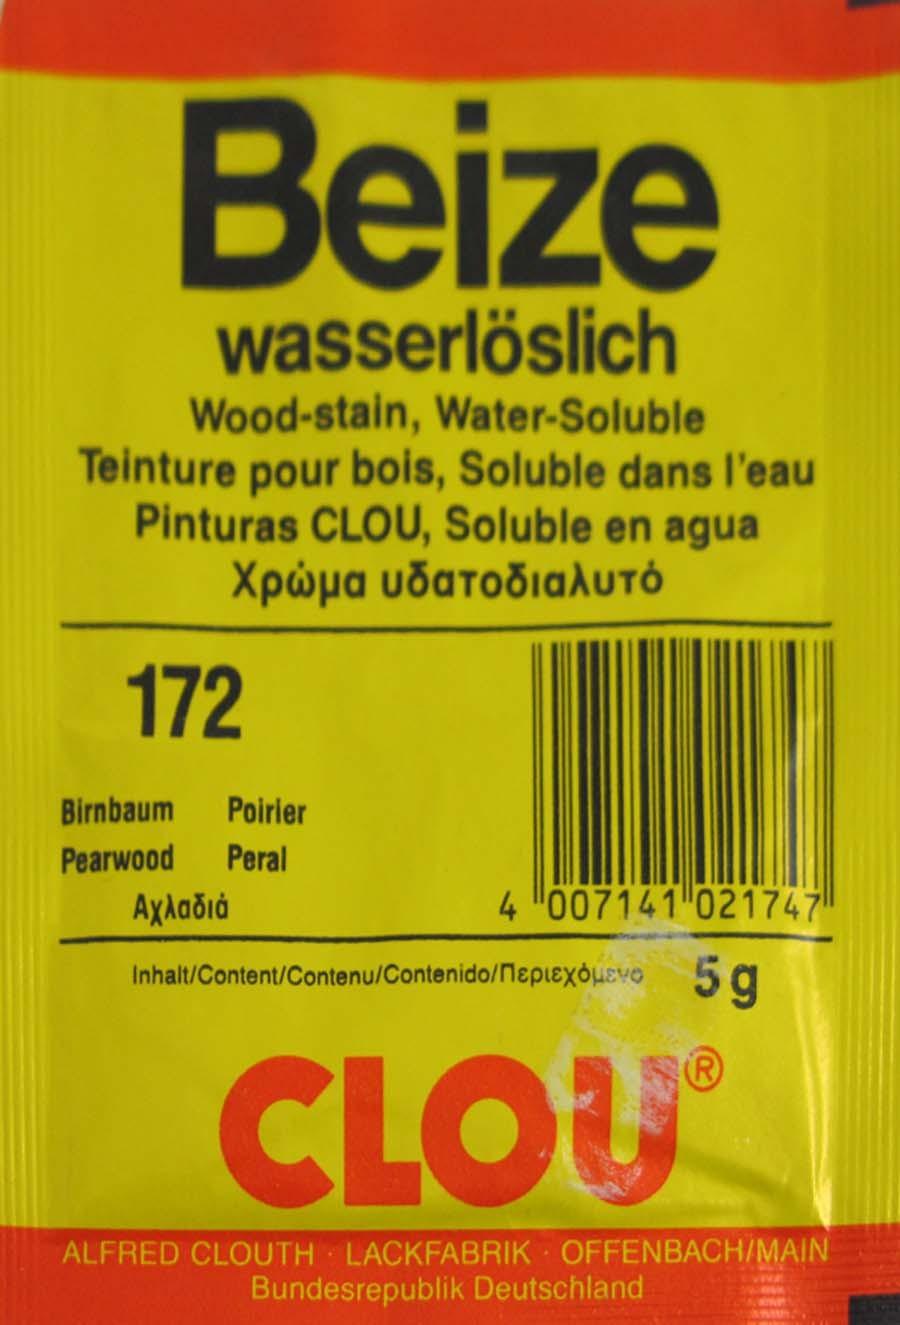 Beize Birnbaum 172 wasserlöslich 5 g Clou